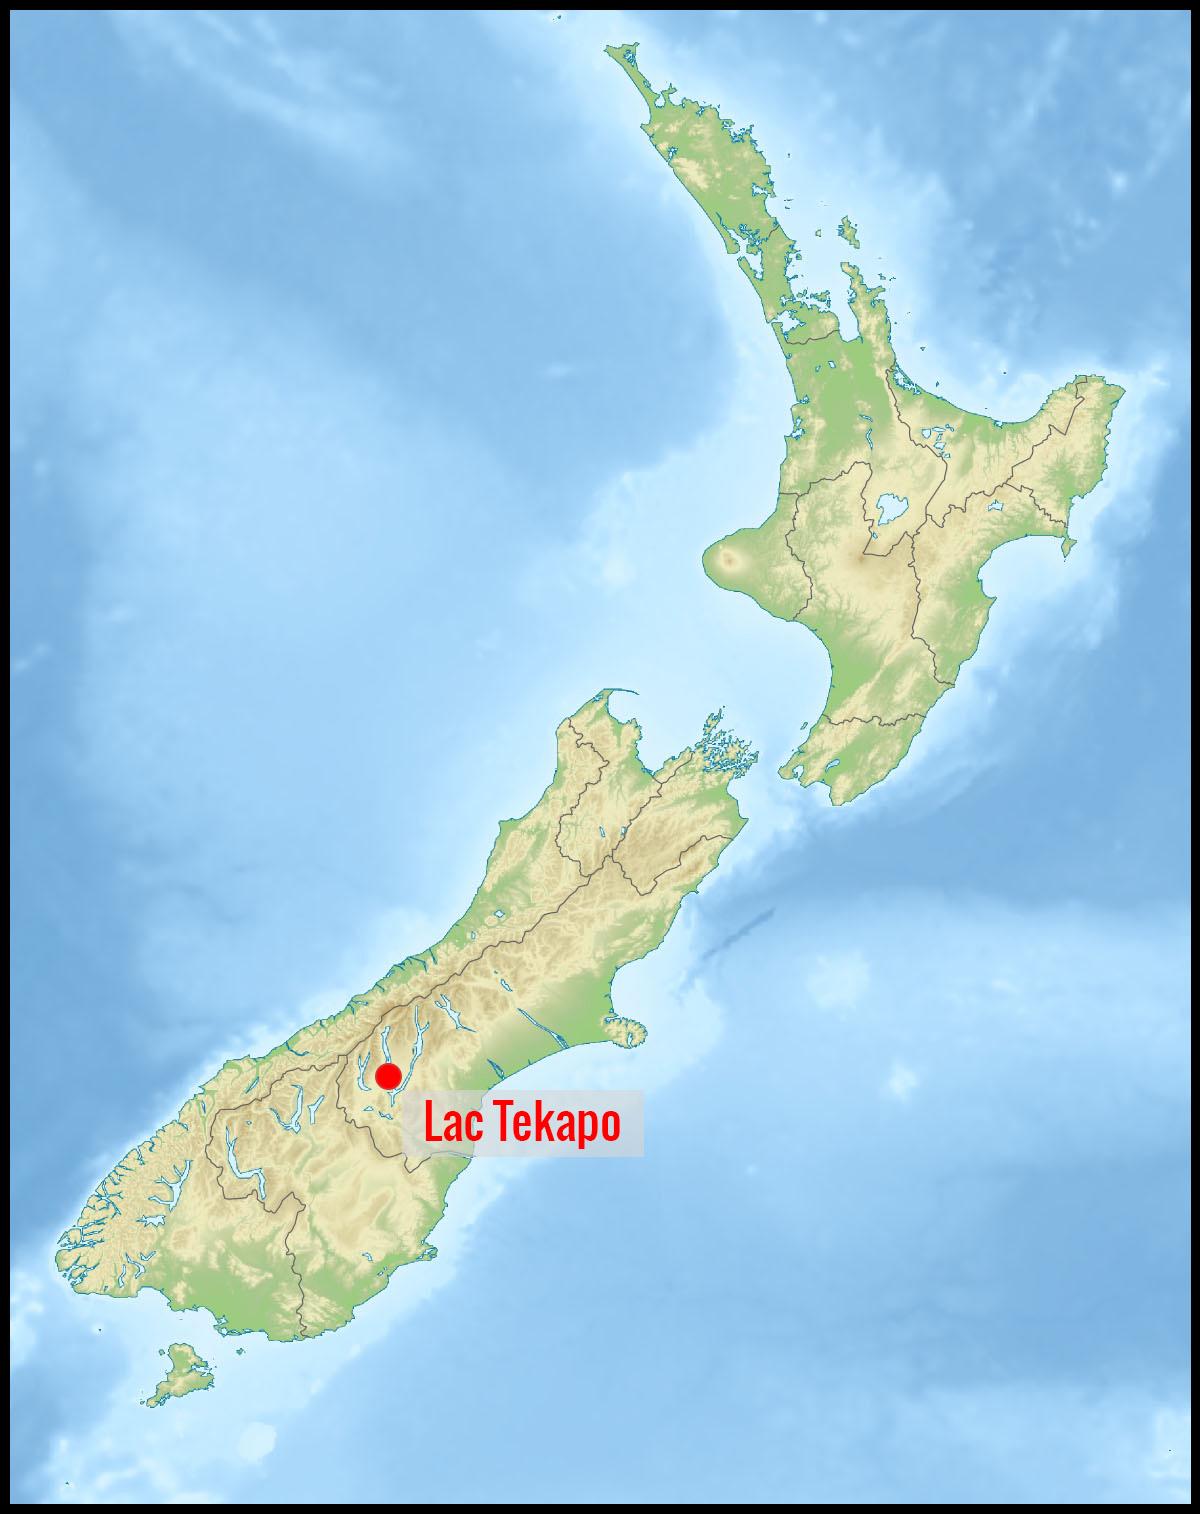 Carte lac Tekapo en Nouvelle-Zélande